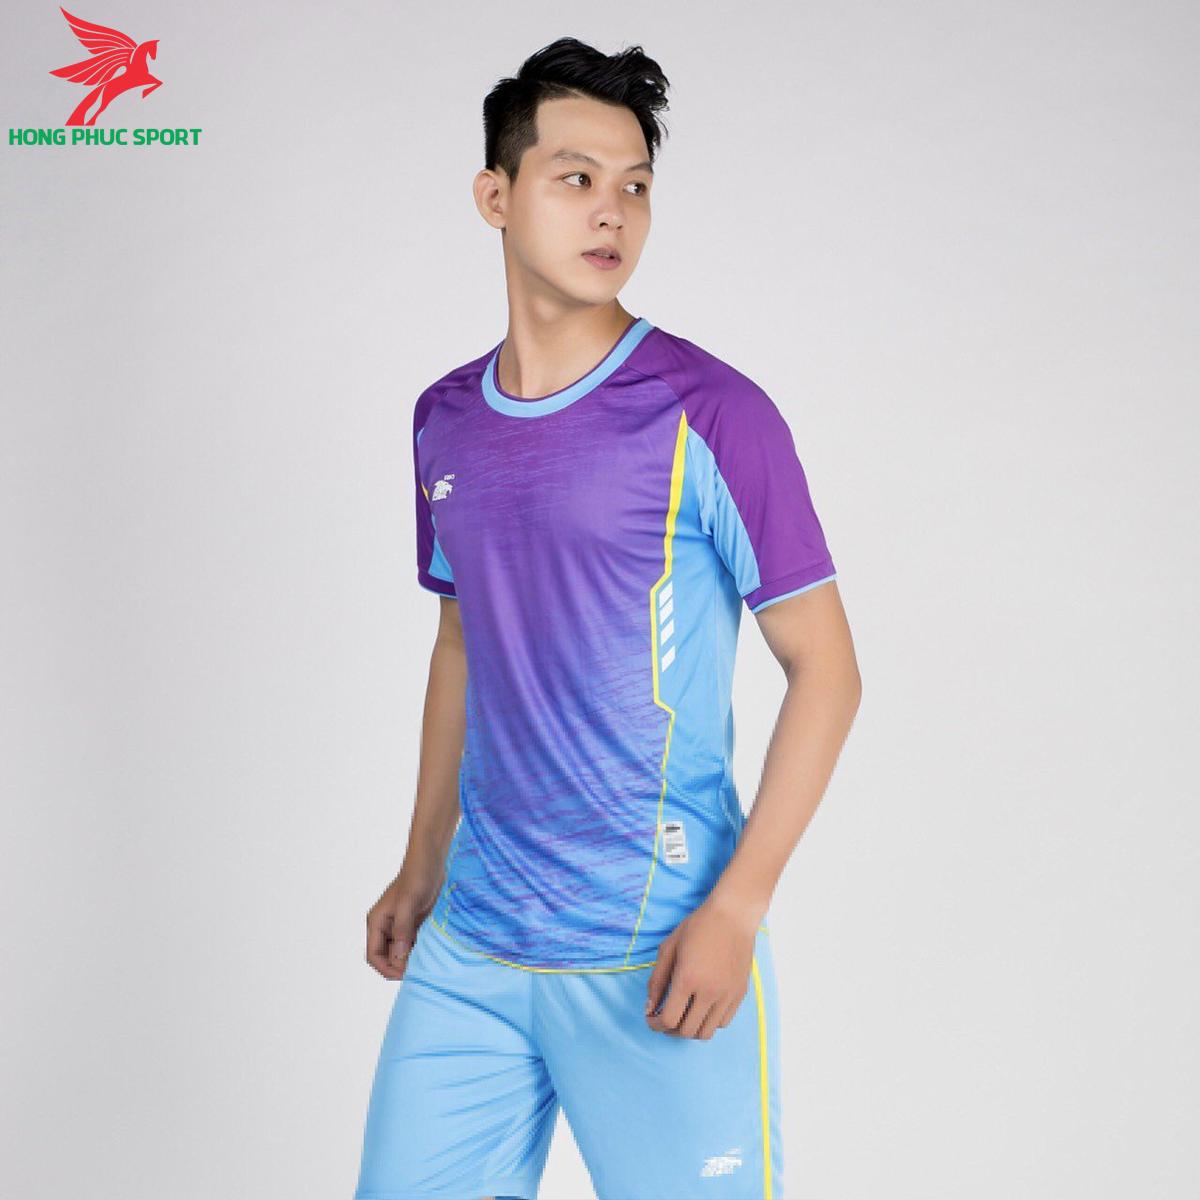 áo bóng đá không logo Riki Grambor Xanh da phối tím